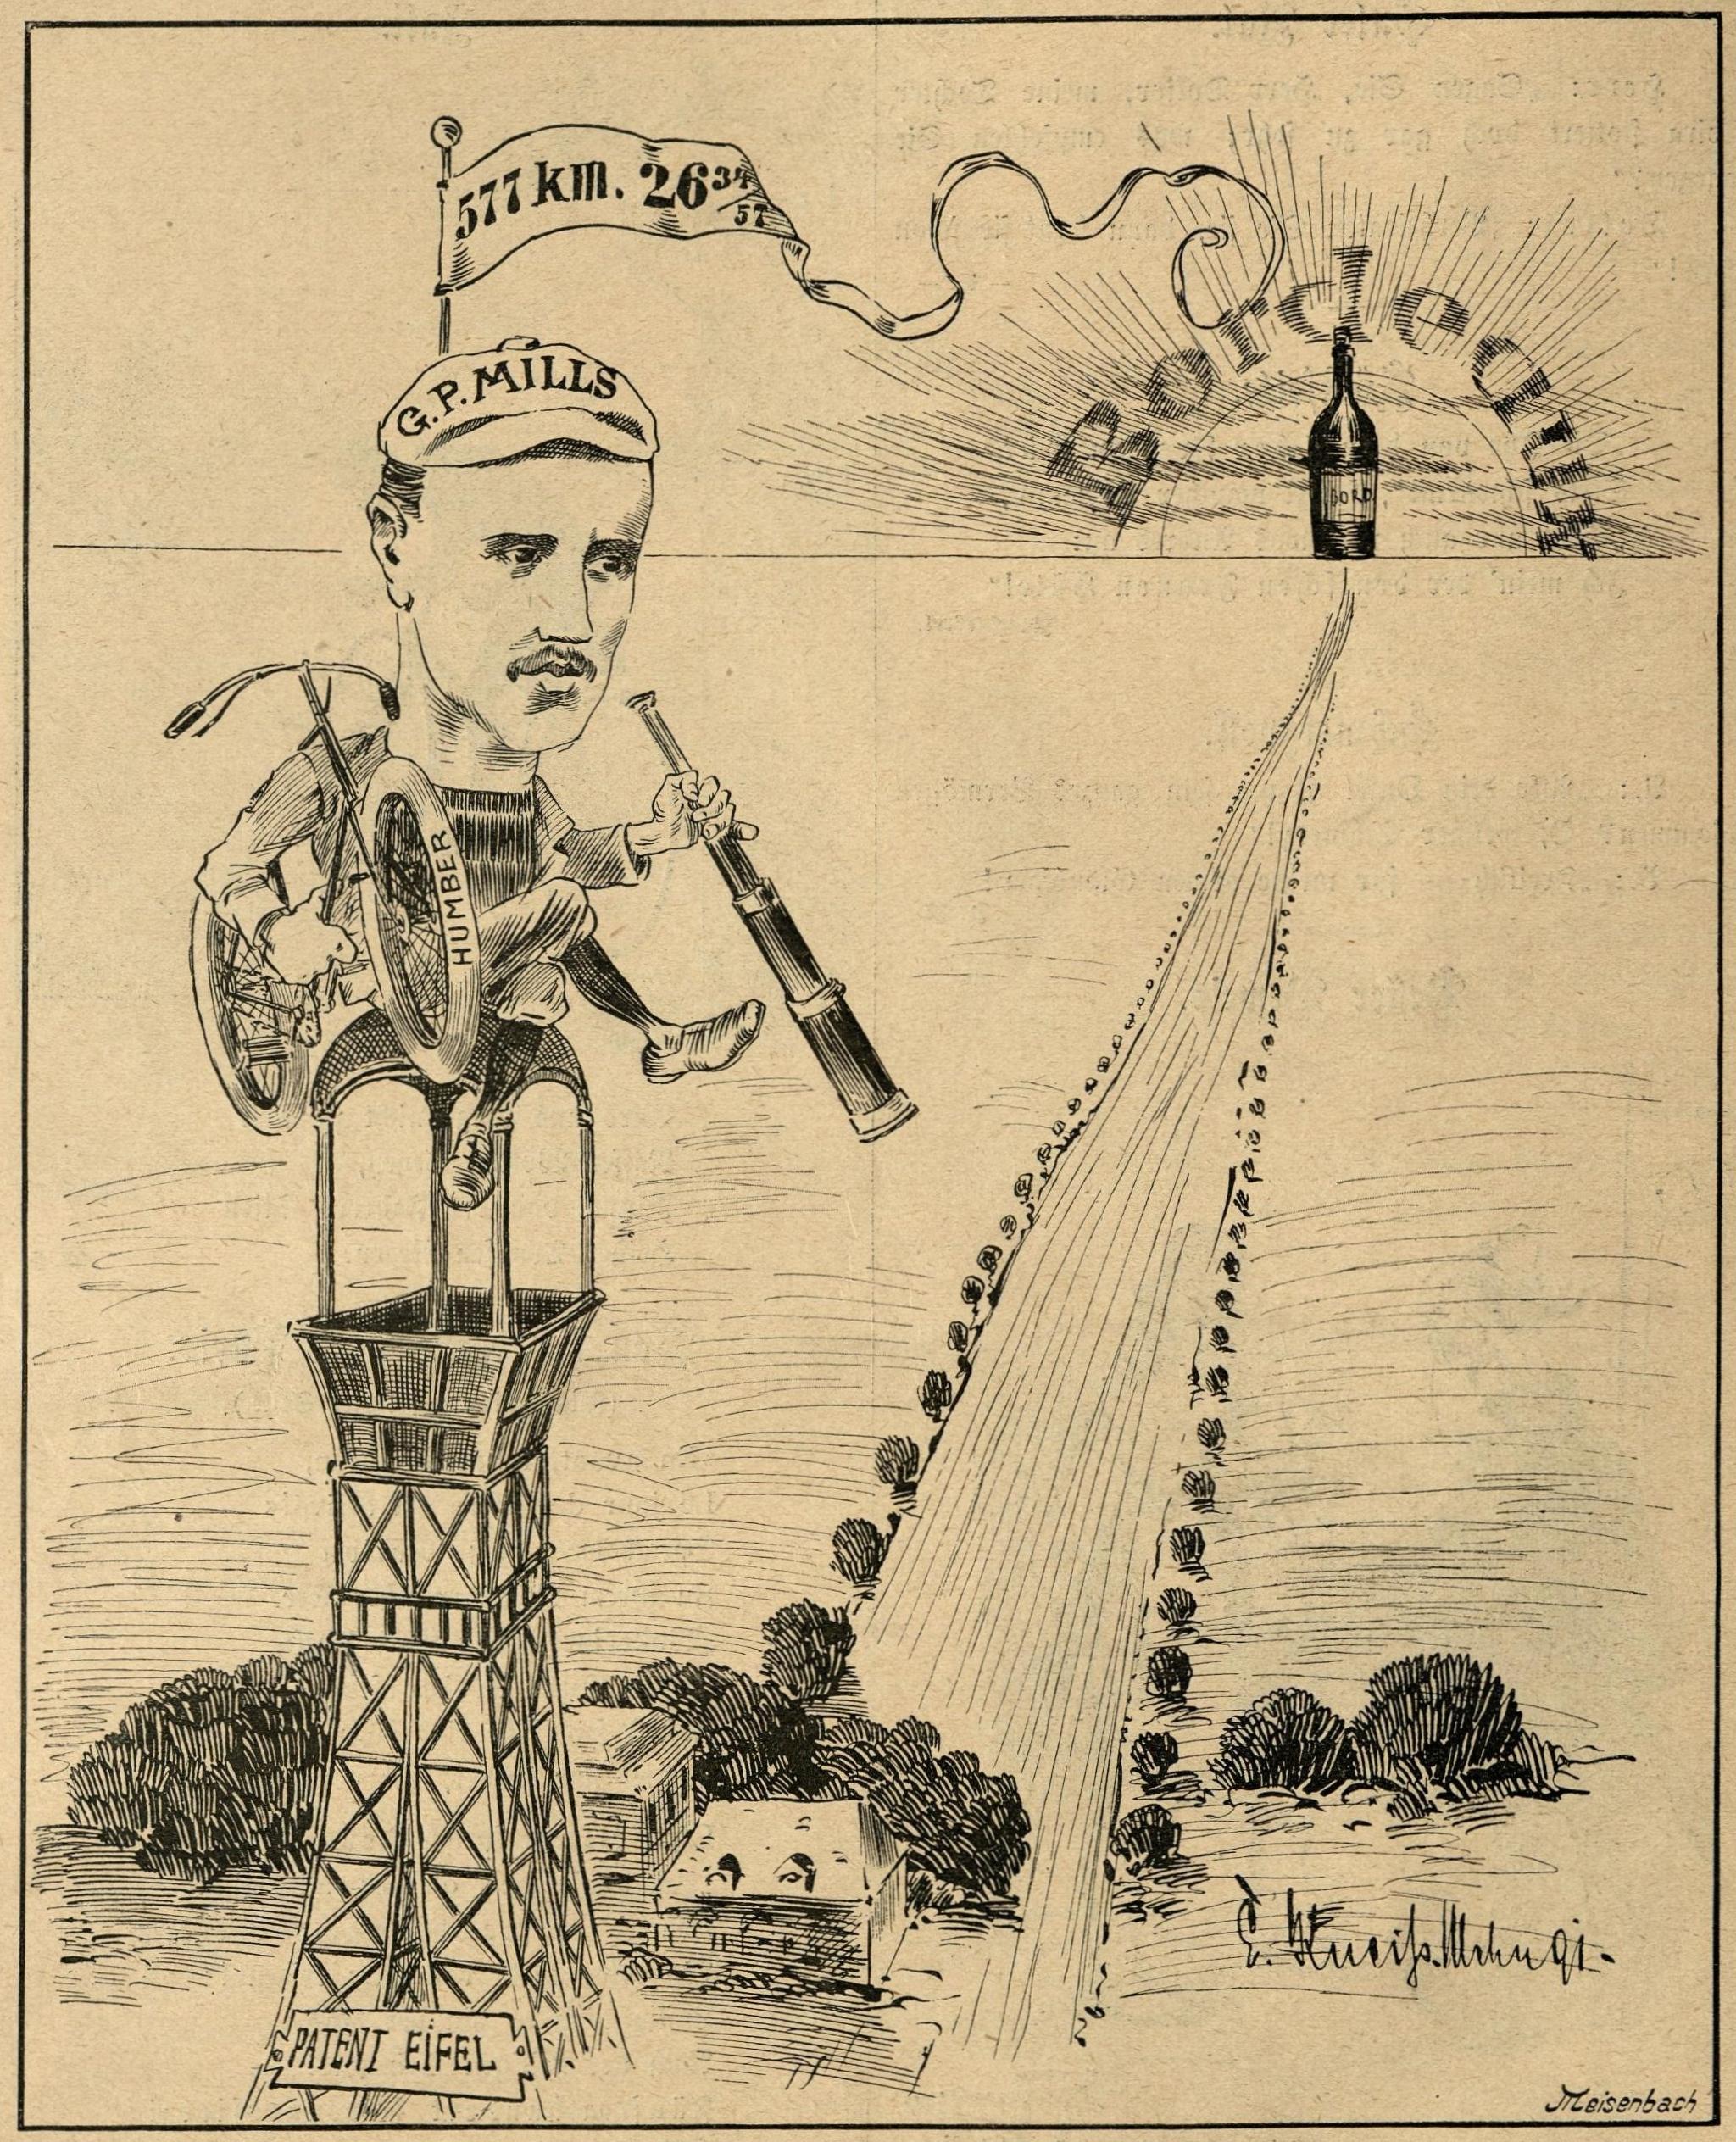 Der Engländer G.P. Mills gewinnt mit einem Humber-Rad die erste Radfernfahrt Paris-Bordeaux.